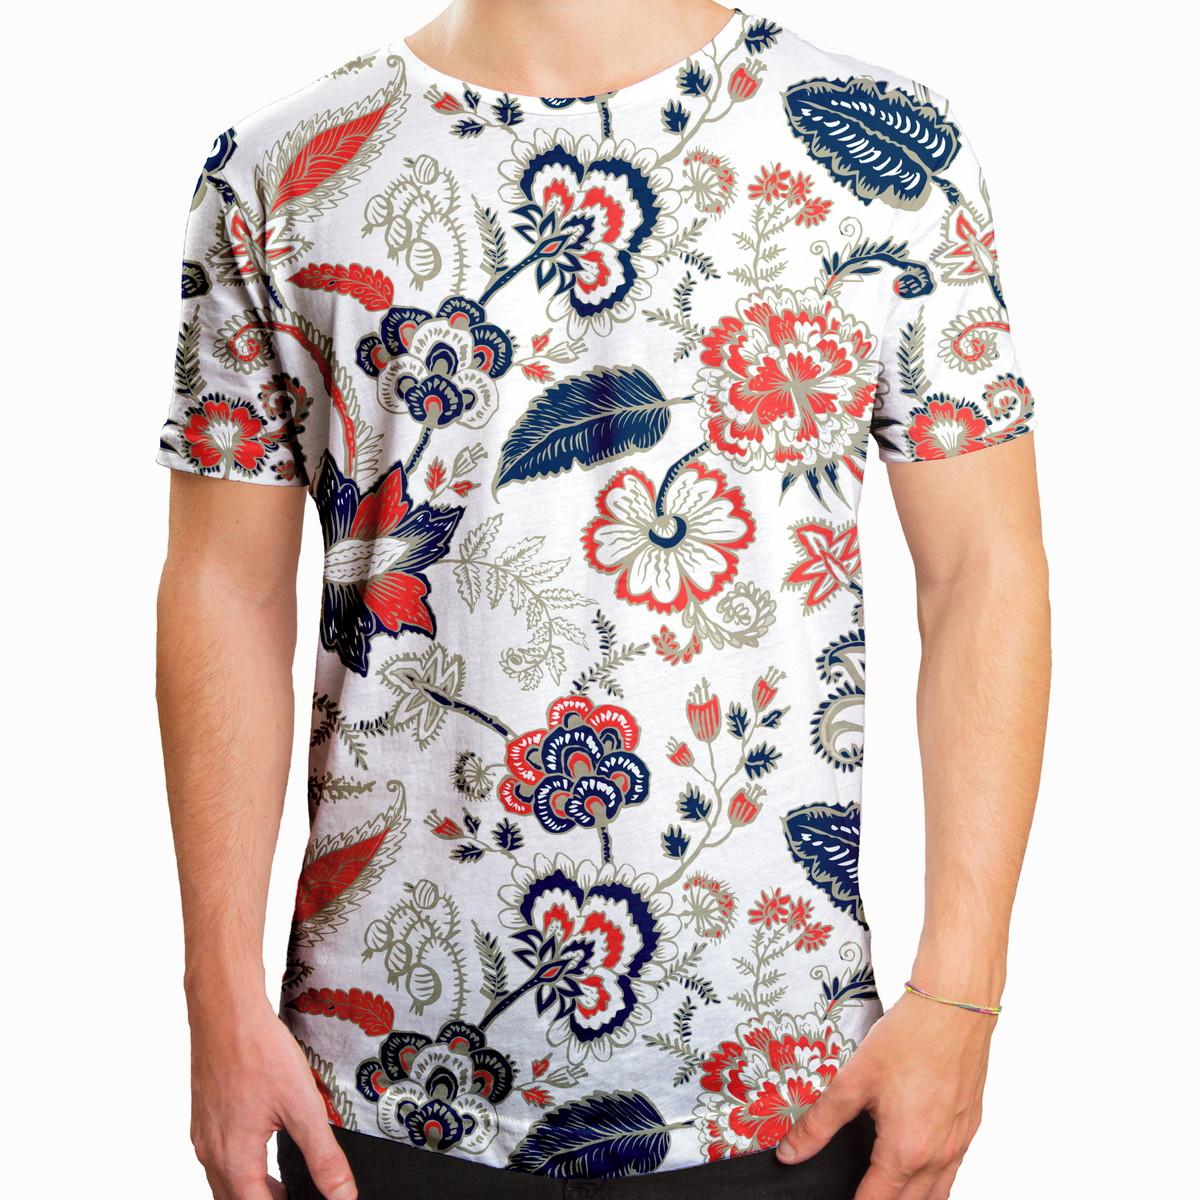 cd1b12e52 Camiseta Masculina Longline Swag Floral Ilustração Curl no Elo7 ...